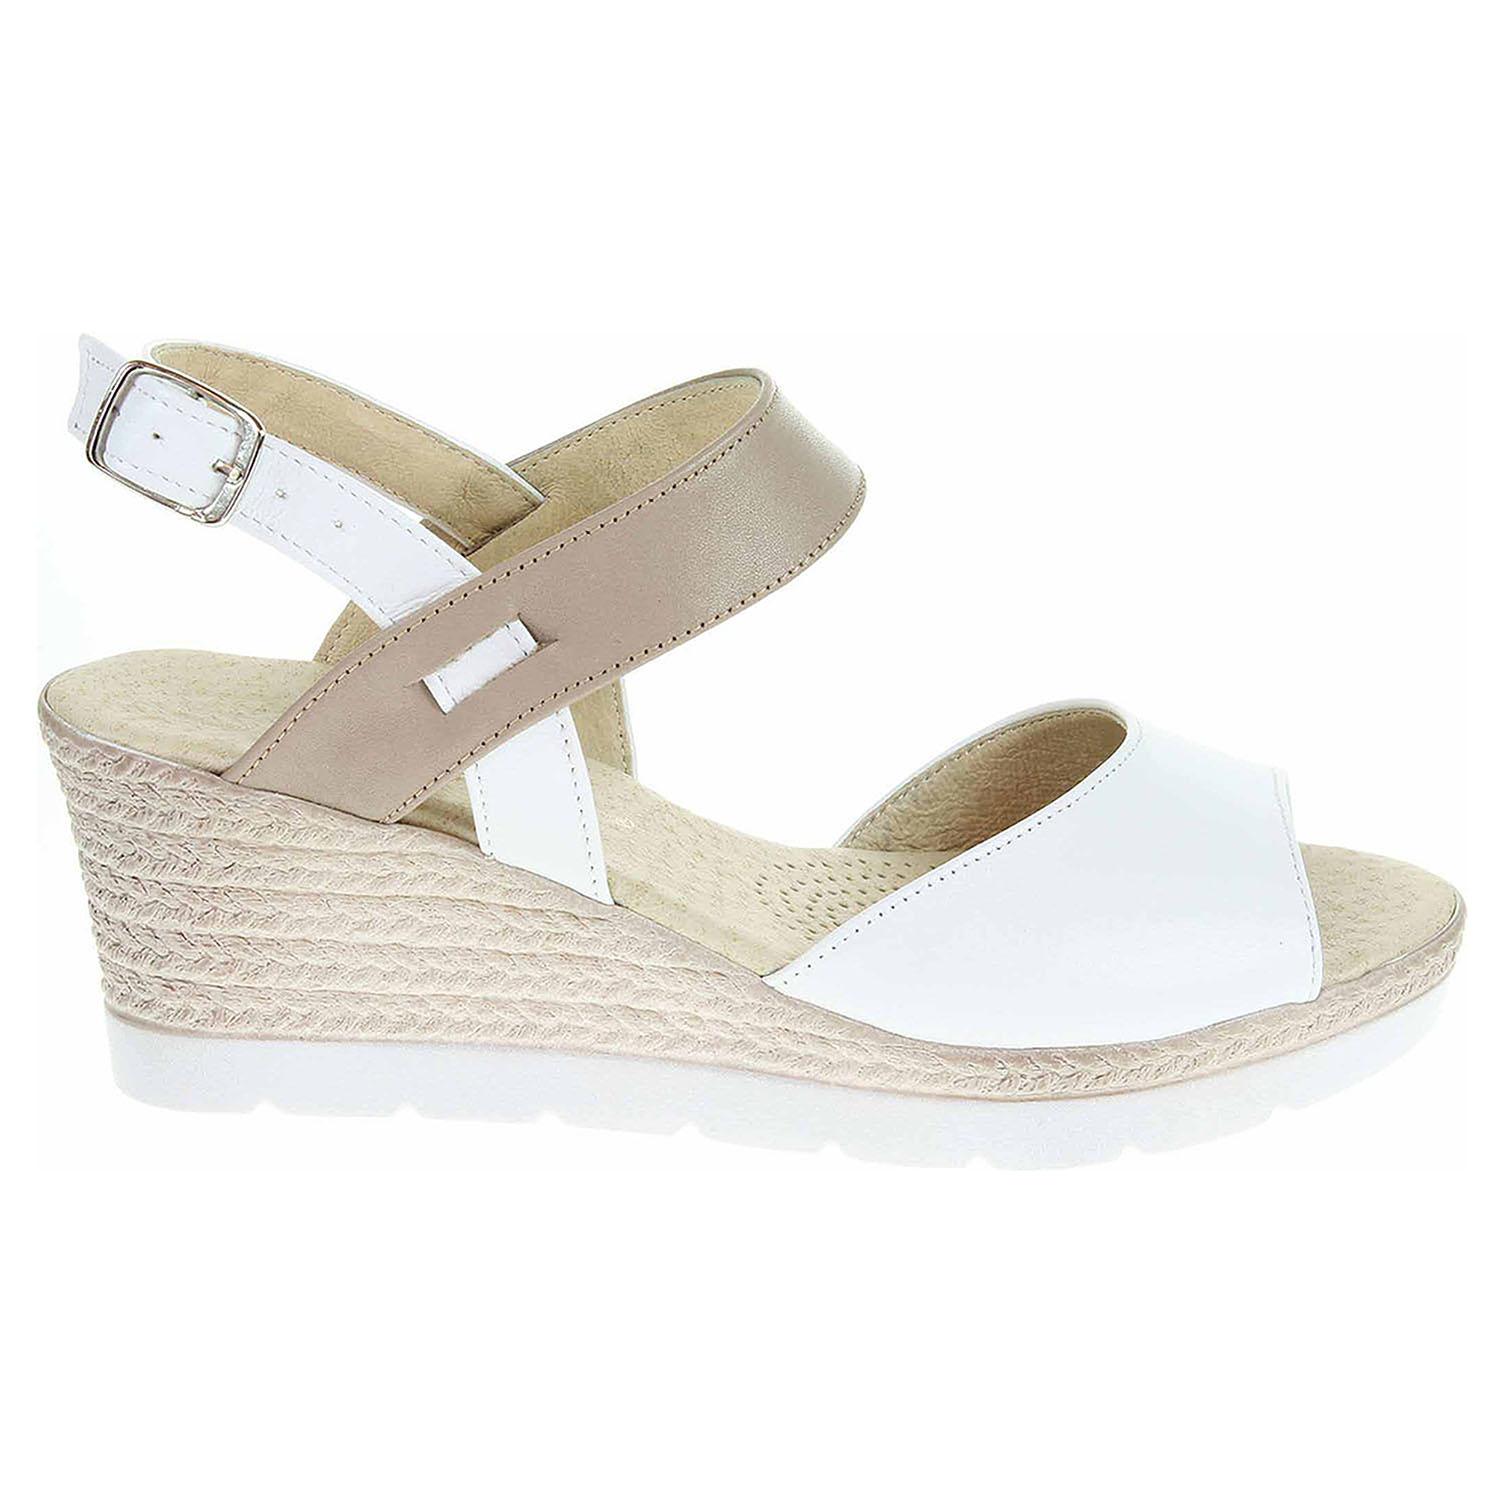 a0e50b22a855 Dámské sandály J 3928 bílá-béžová J 3928 biela béžová C 38